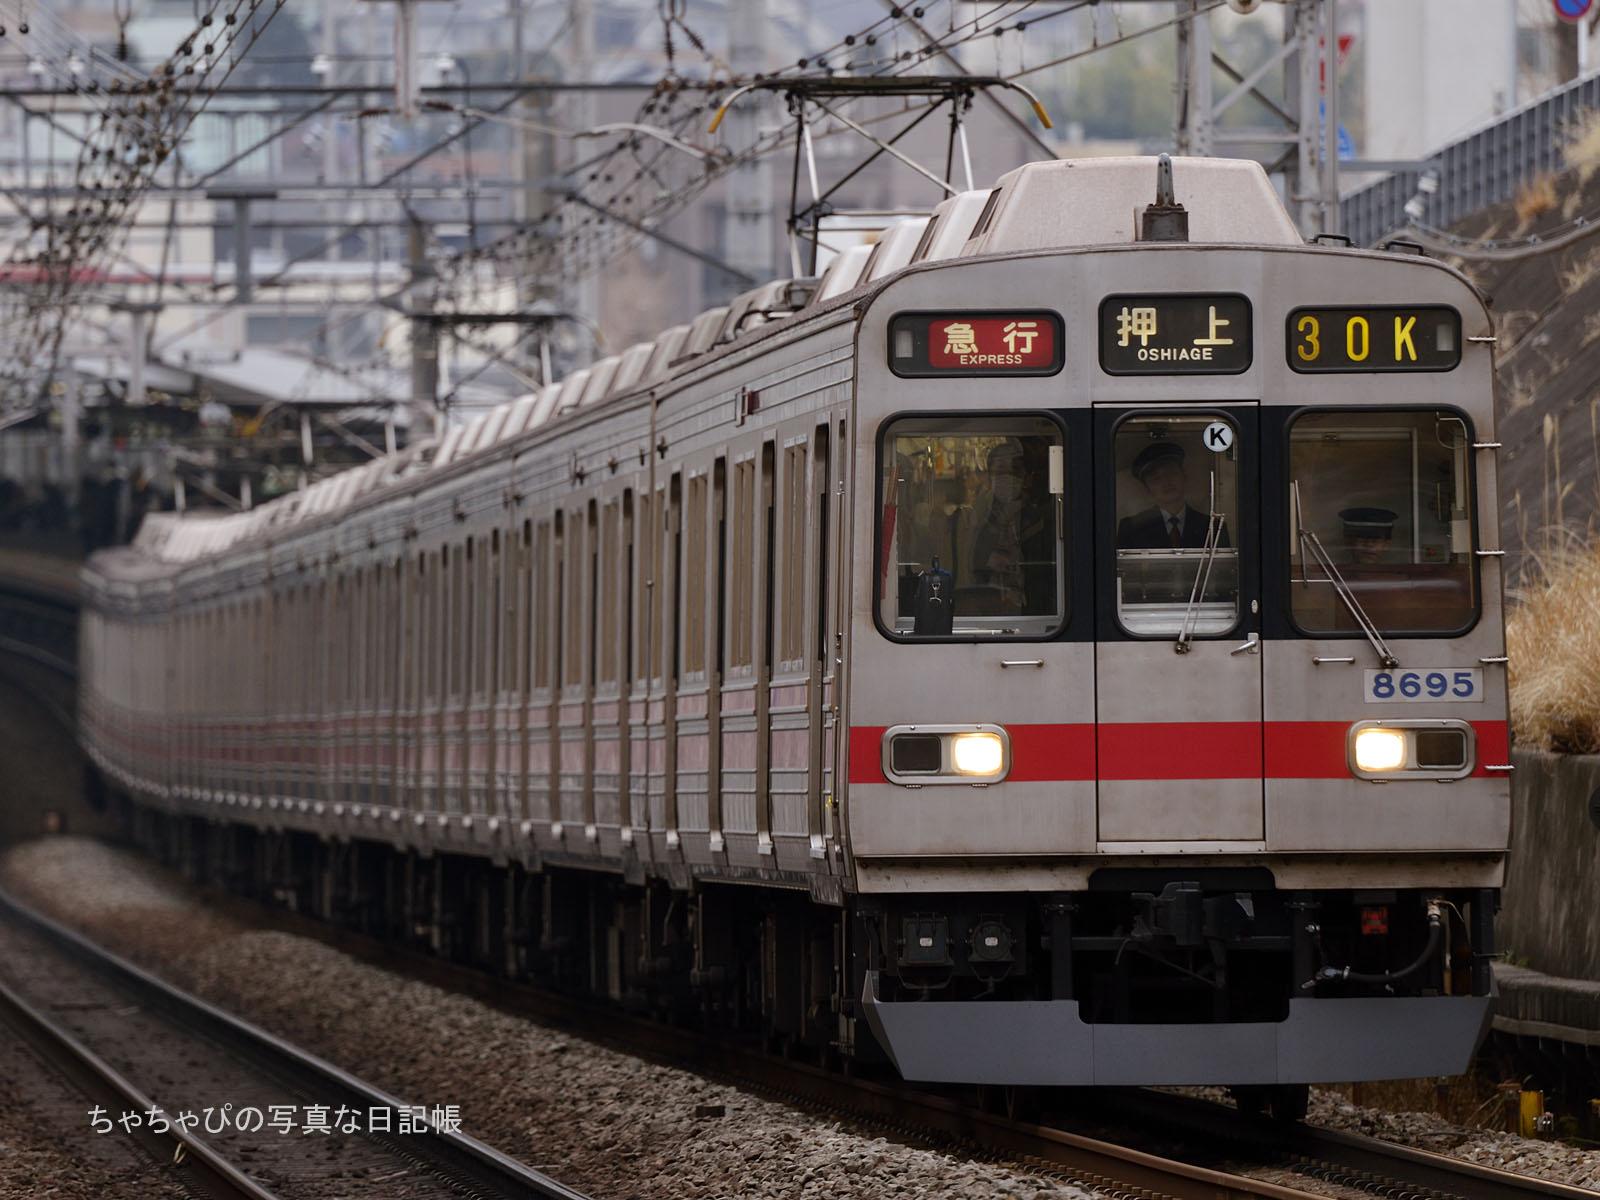 30K 8695F